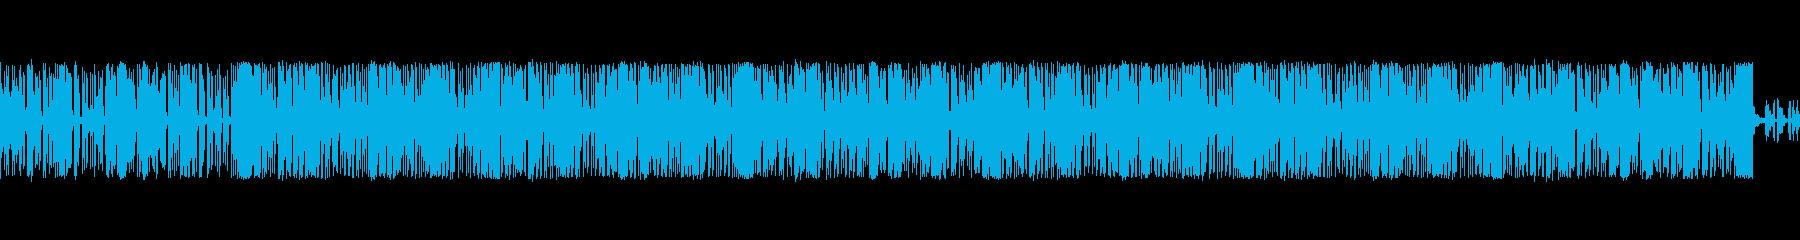 このインストゥルメンタルは、ipa...の再生済みの波形